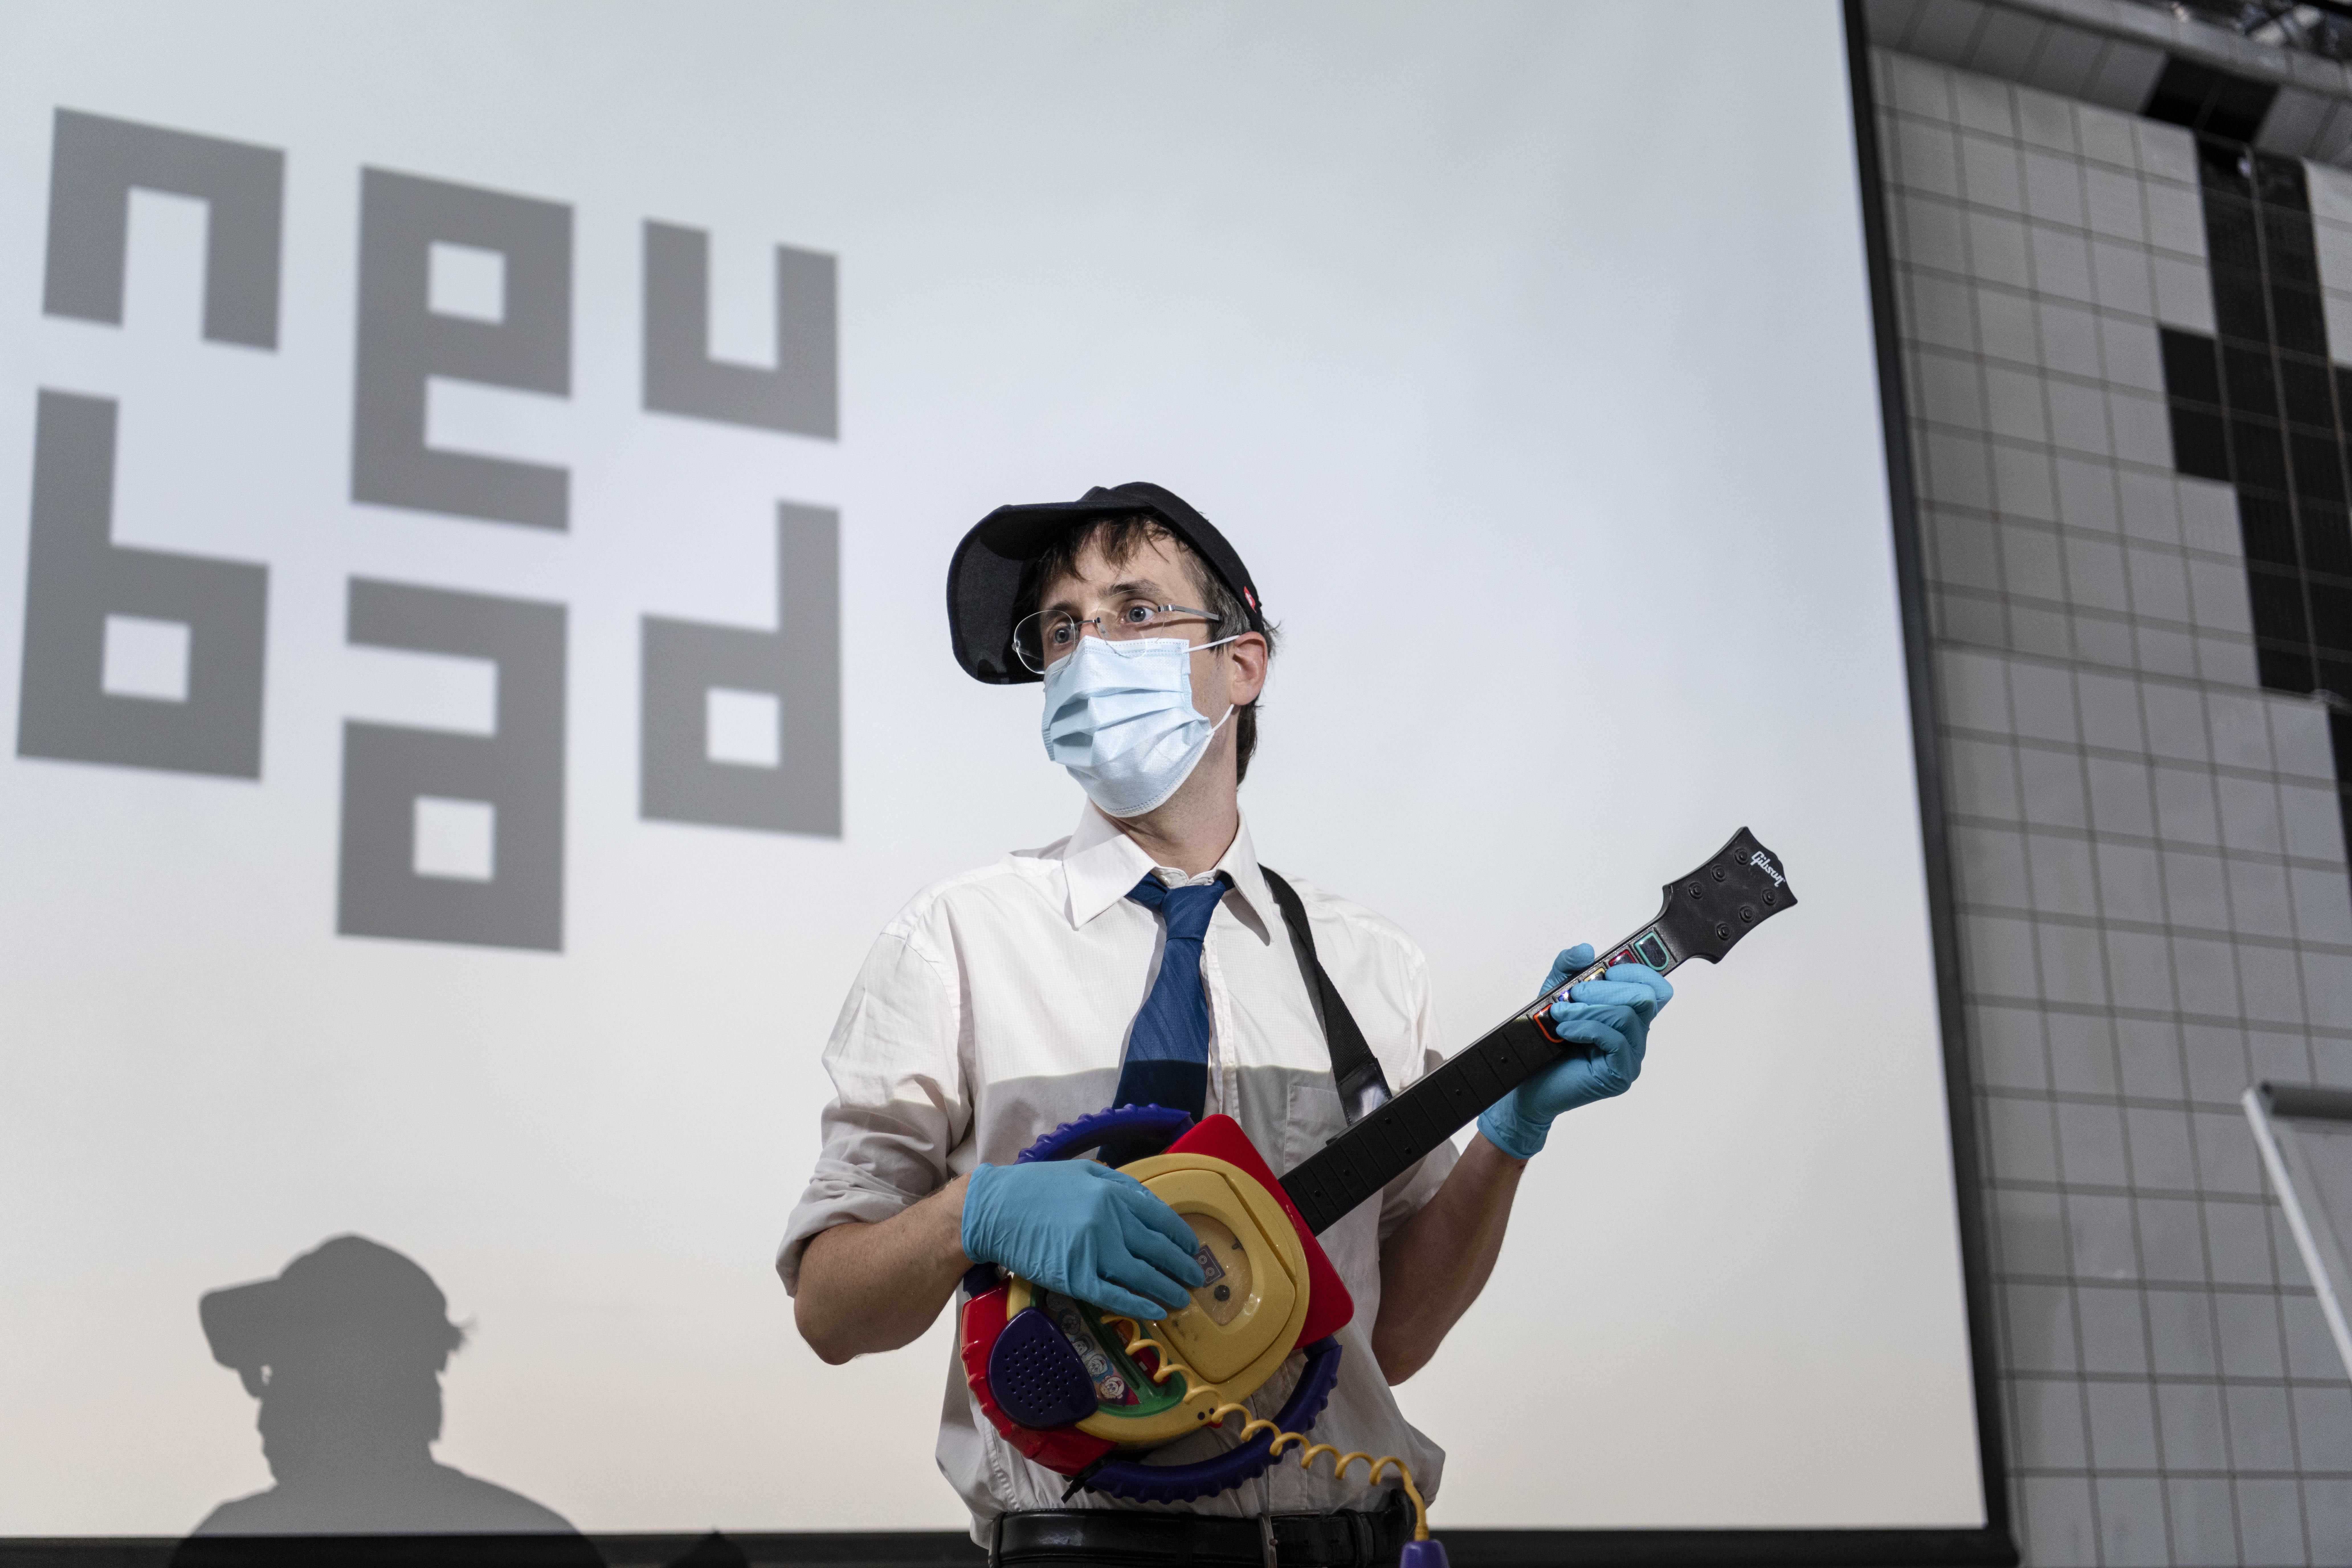 Der Anlass hat im Neubad stattgefunden und hier sieht man hinter mir mit Cap, Instrument, Maske und Handschuhe ihr Logo im Hintergrund.